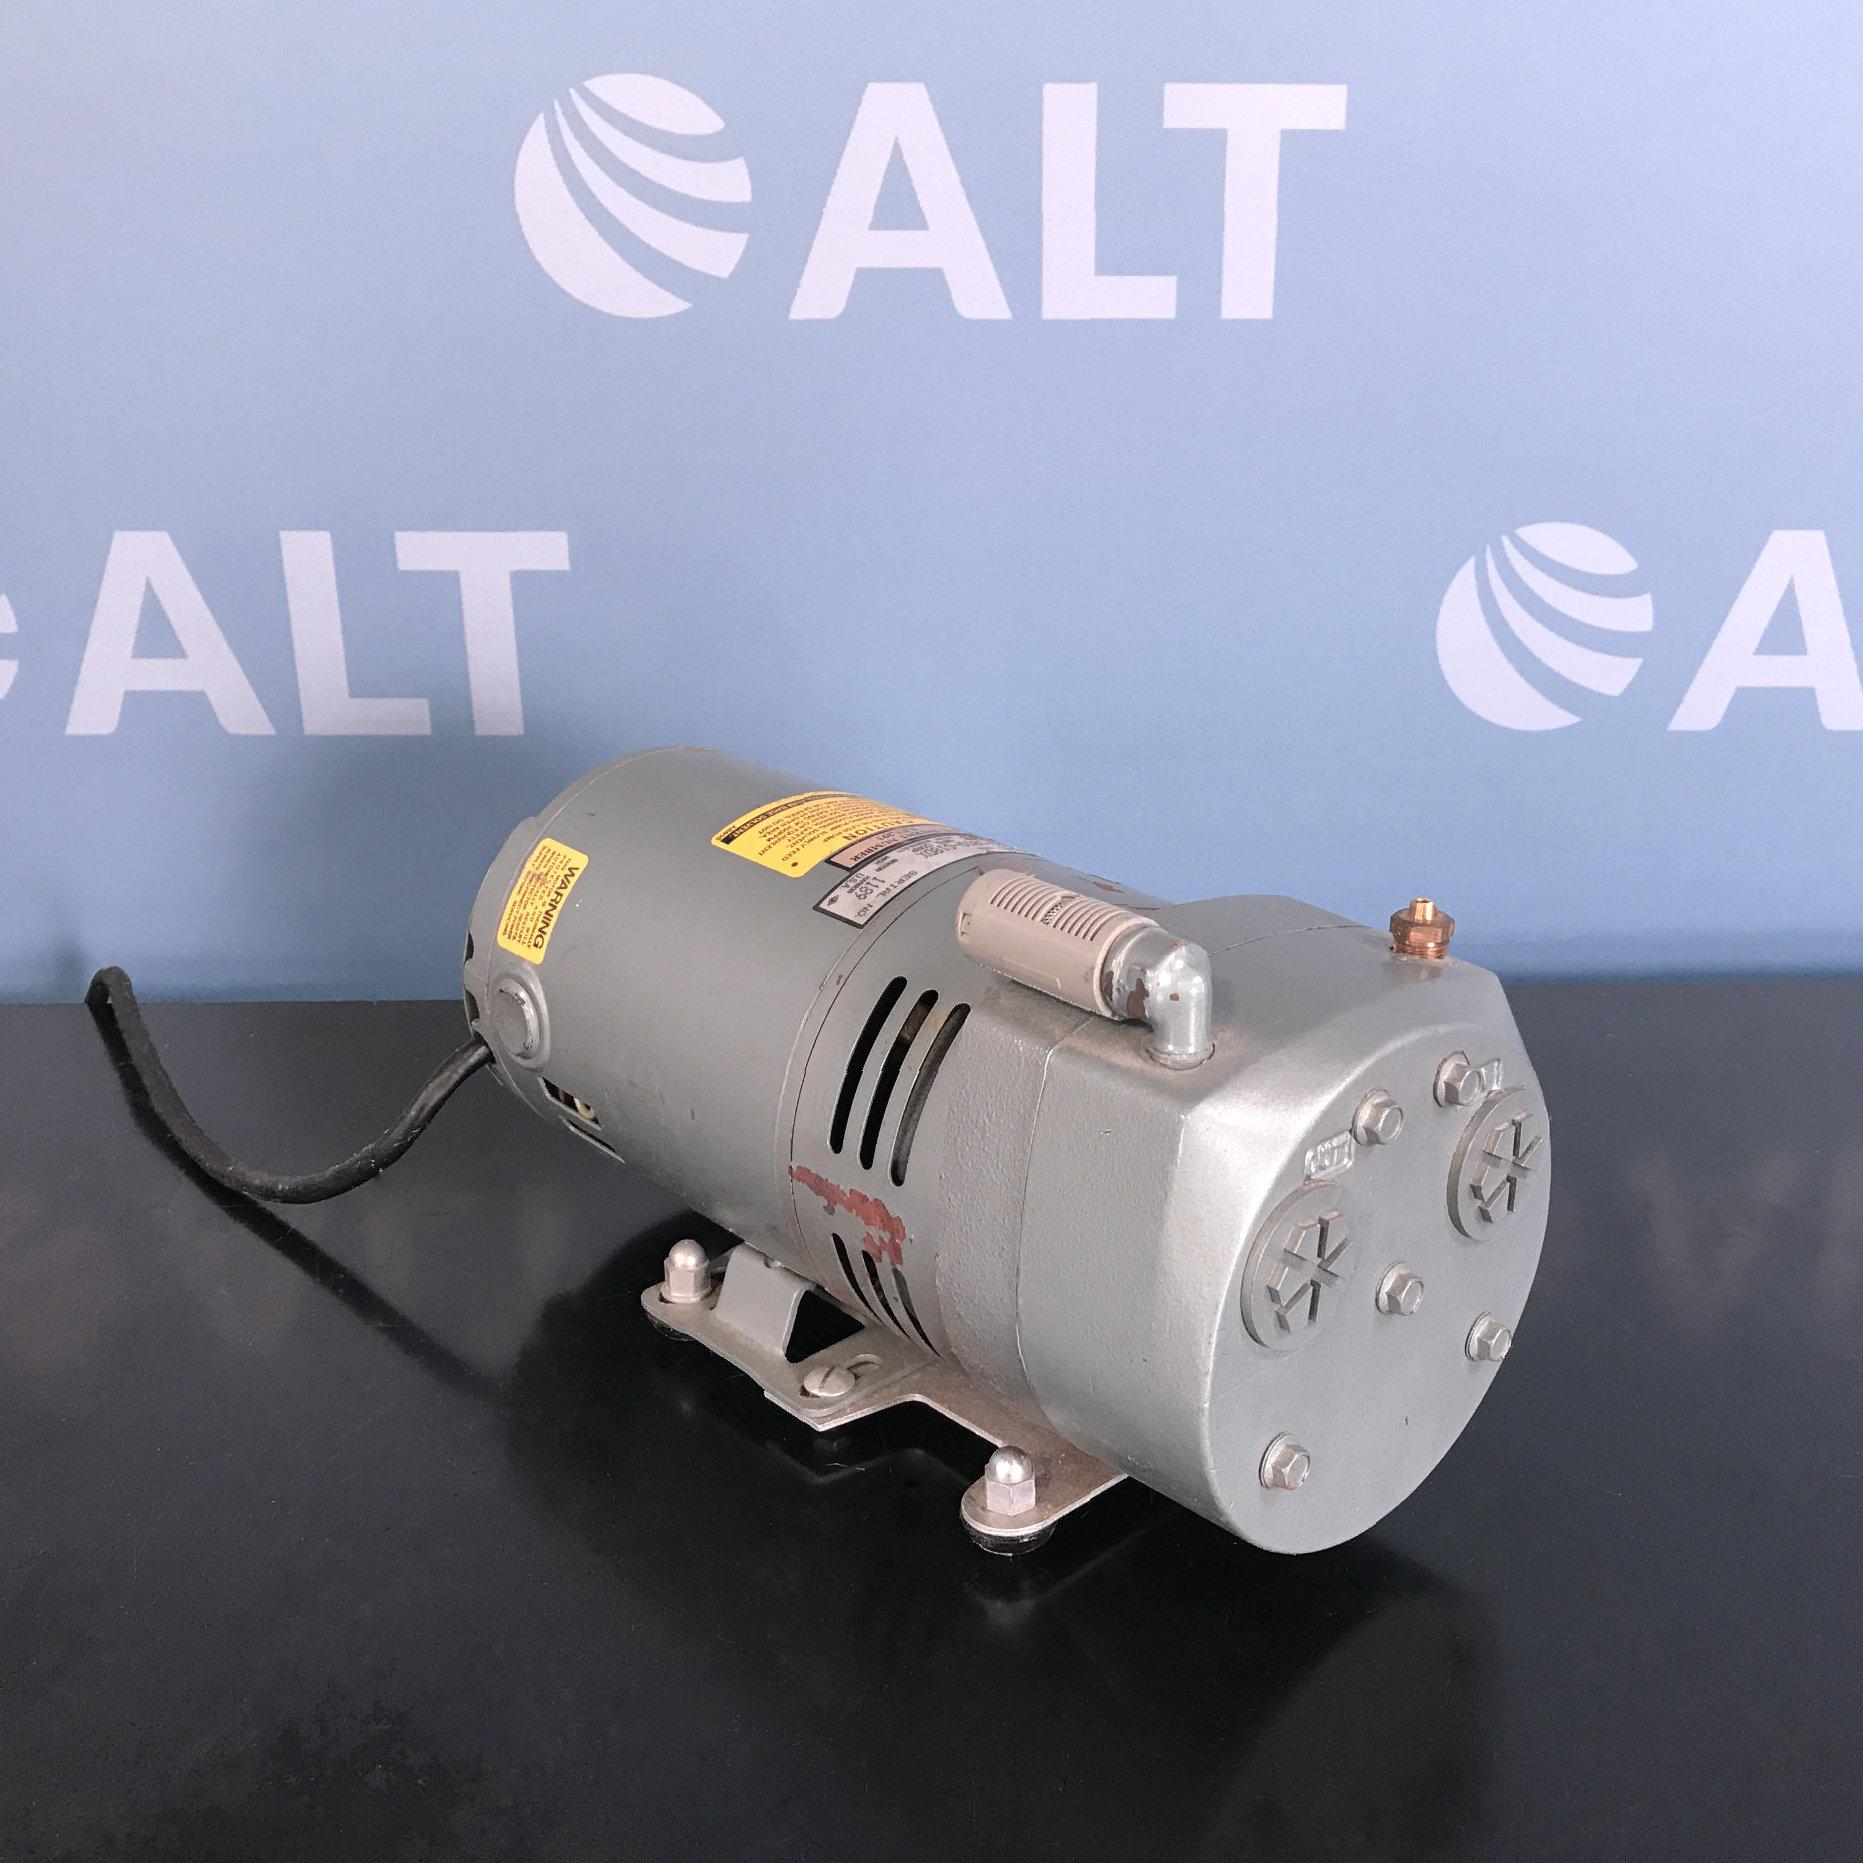 Gast 0523-101Q-G18DX Air Compressor / Vacuum Pump Image